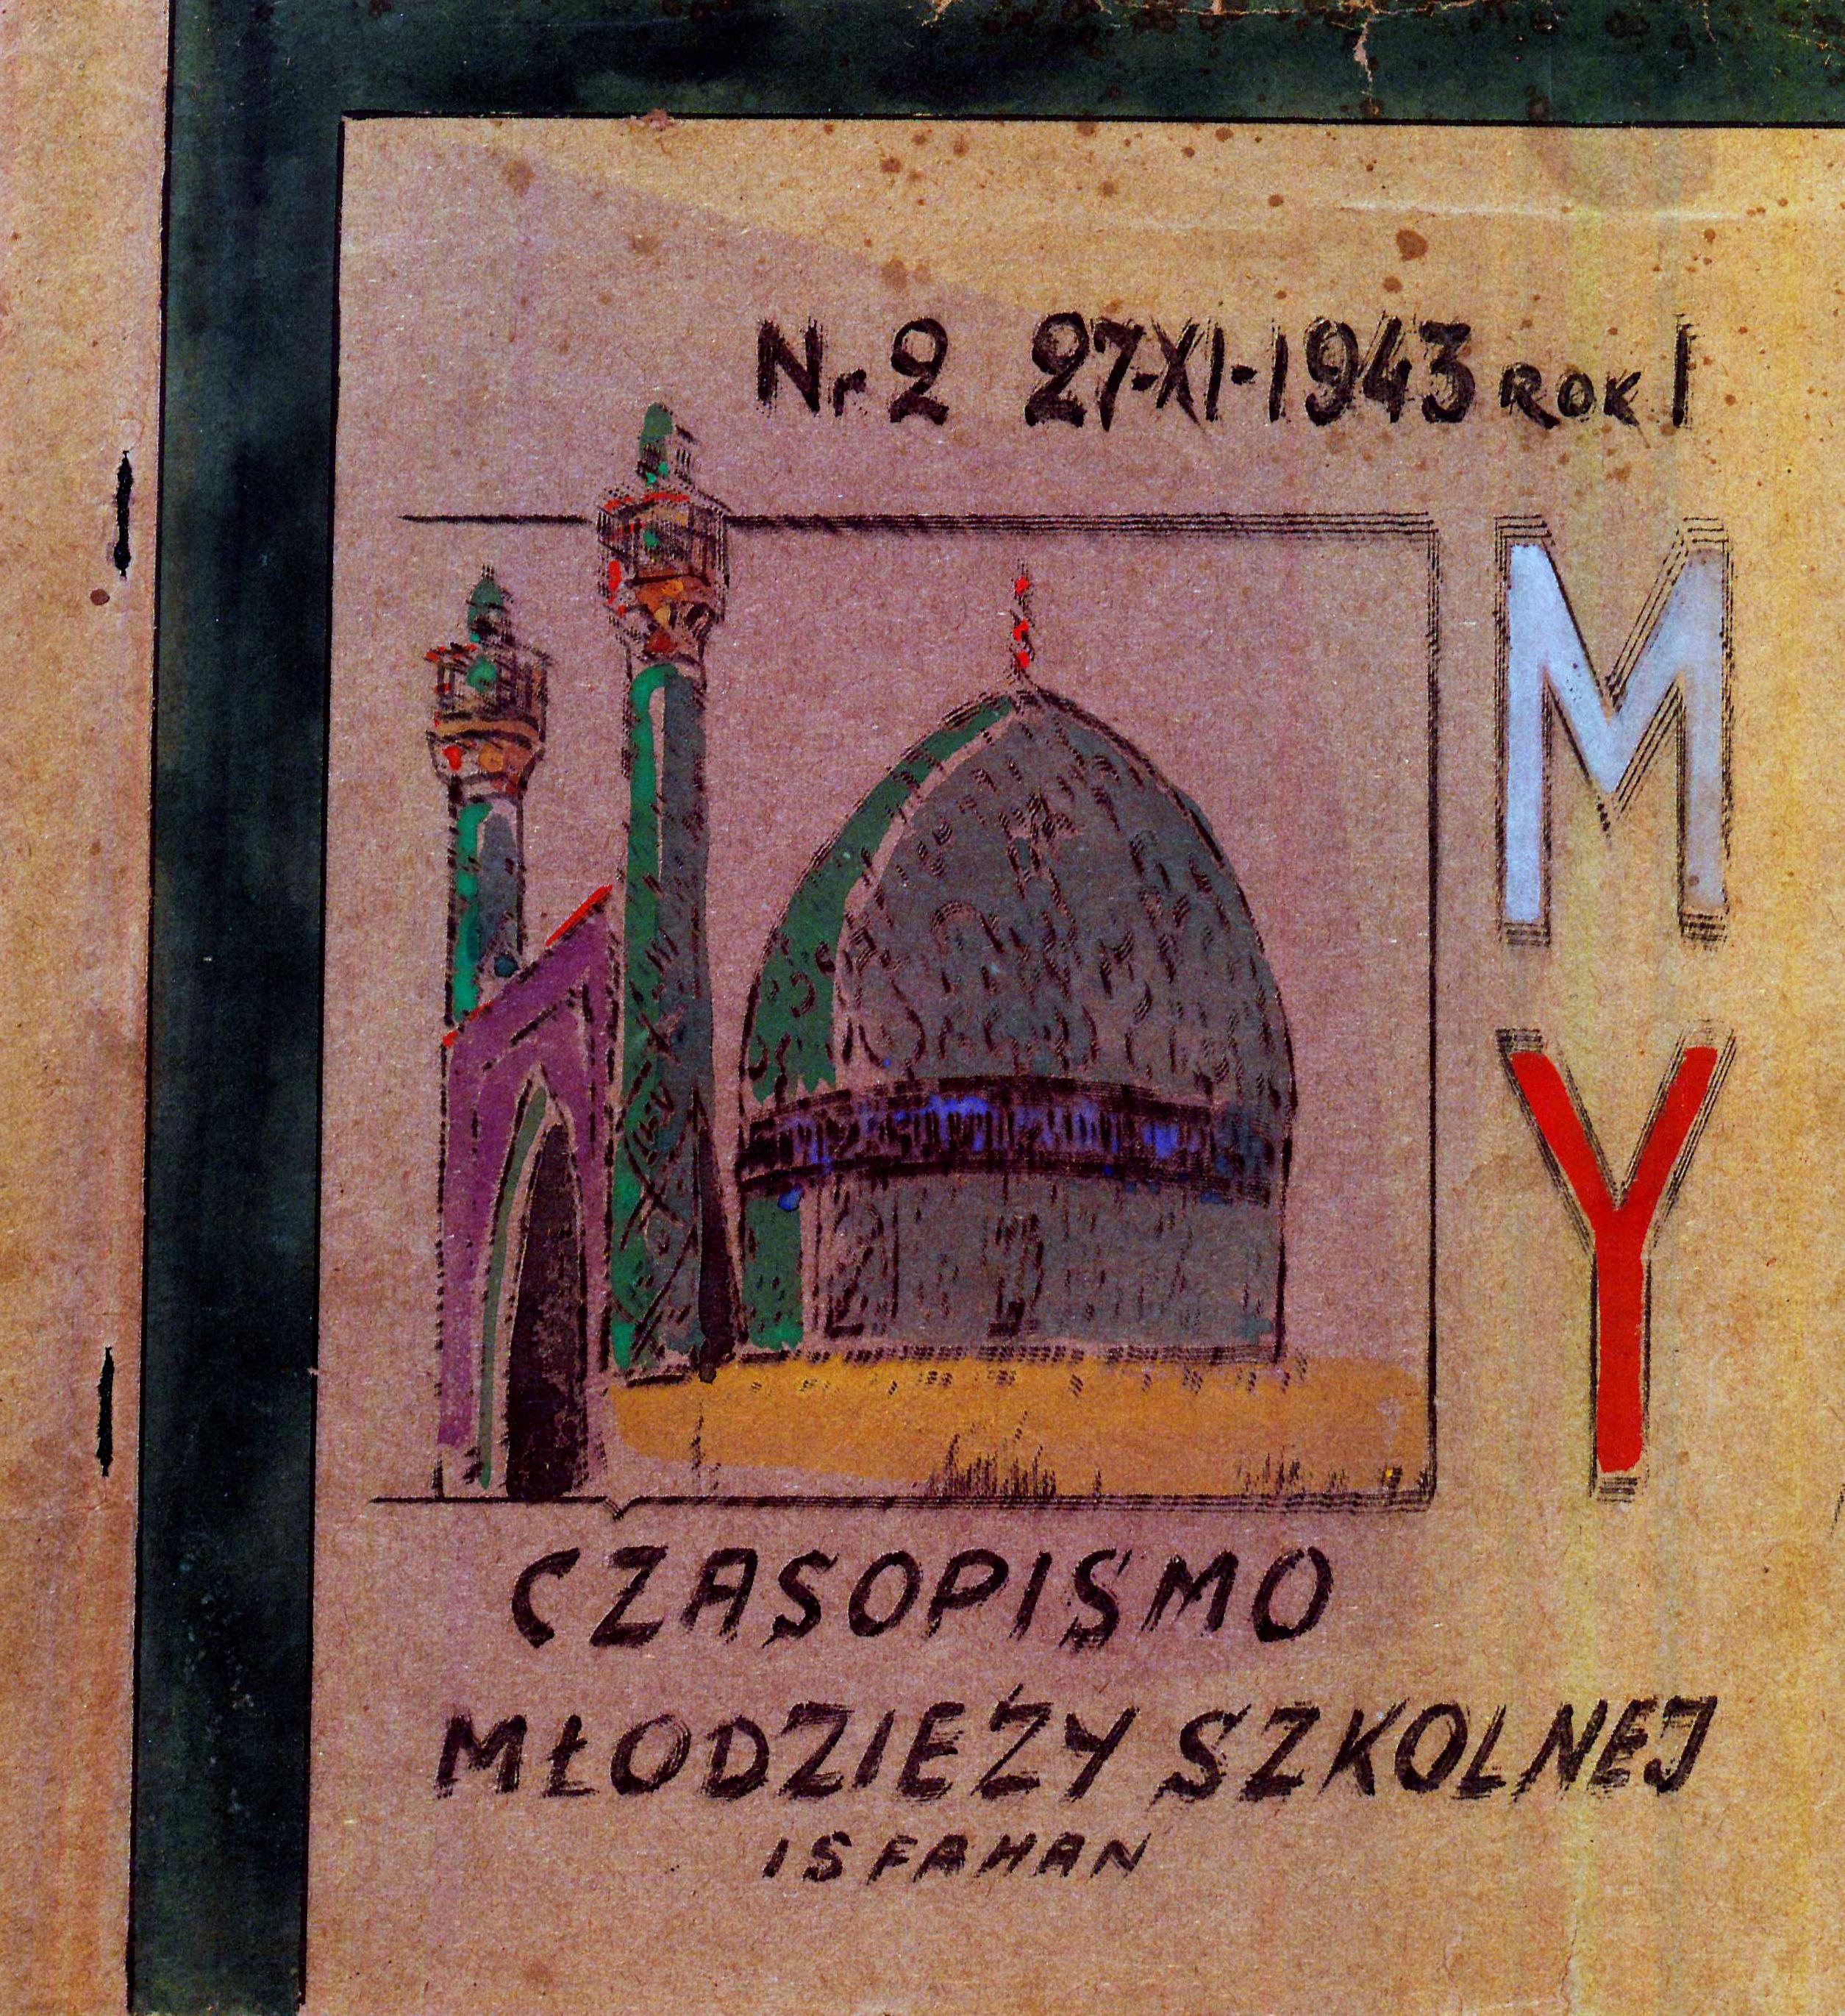 <div class='inner-box'><div class='close-desc'></div><span class='opis'>&quot;My&quot; - Czasopismo młodzieży szkolnej. Wydawane przez Delegaturę Urzędu Oświaty i Spraw Szkolnych - Inspektorat Szkolny w Isfahanie. Ukazywało się w latach 1943 -1946, najpierw w Isfahanie w Iraku, potem w Zuk Mikajil w Libanie. Zbiory czasopism AIL.</span><div class='clearfix'></div><span>Шифр sm00443</span><div class='clearfix'></div><span>&copy; Instytut Literacki</span></div>